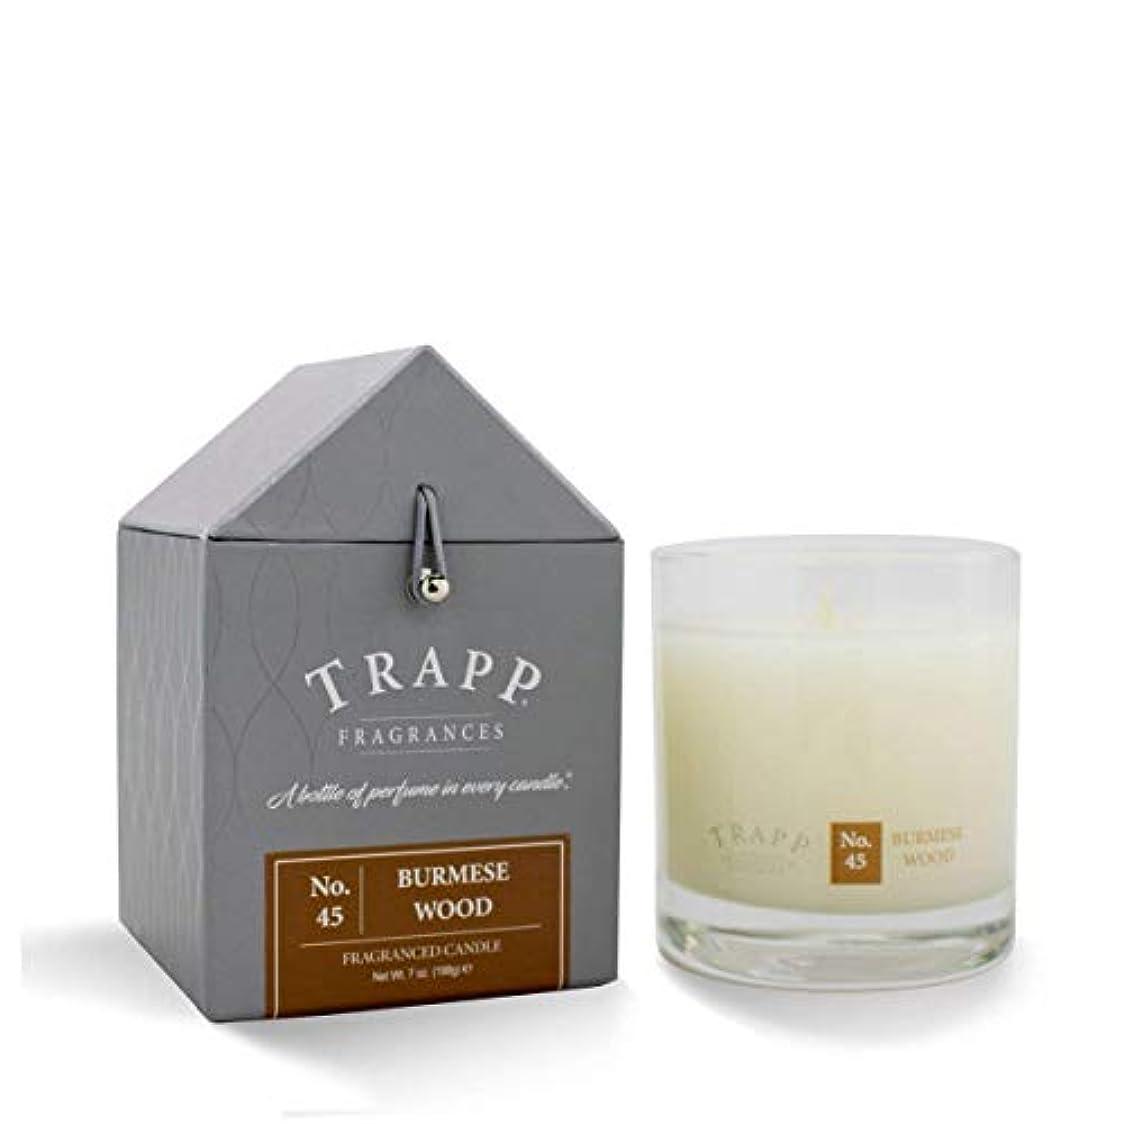 下着罪悪感実質的Trapp Candle No. 45 Burmese Wood 7oz by Trapp